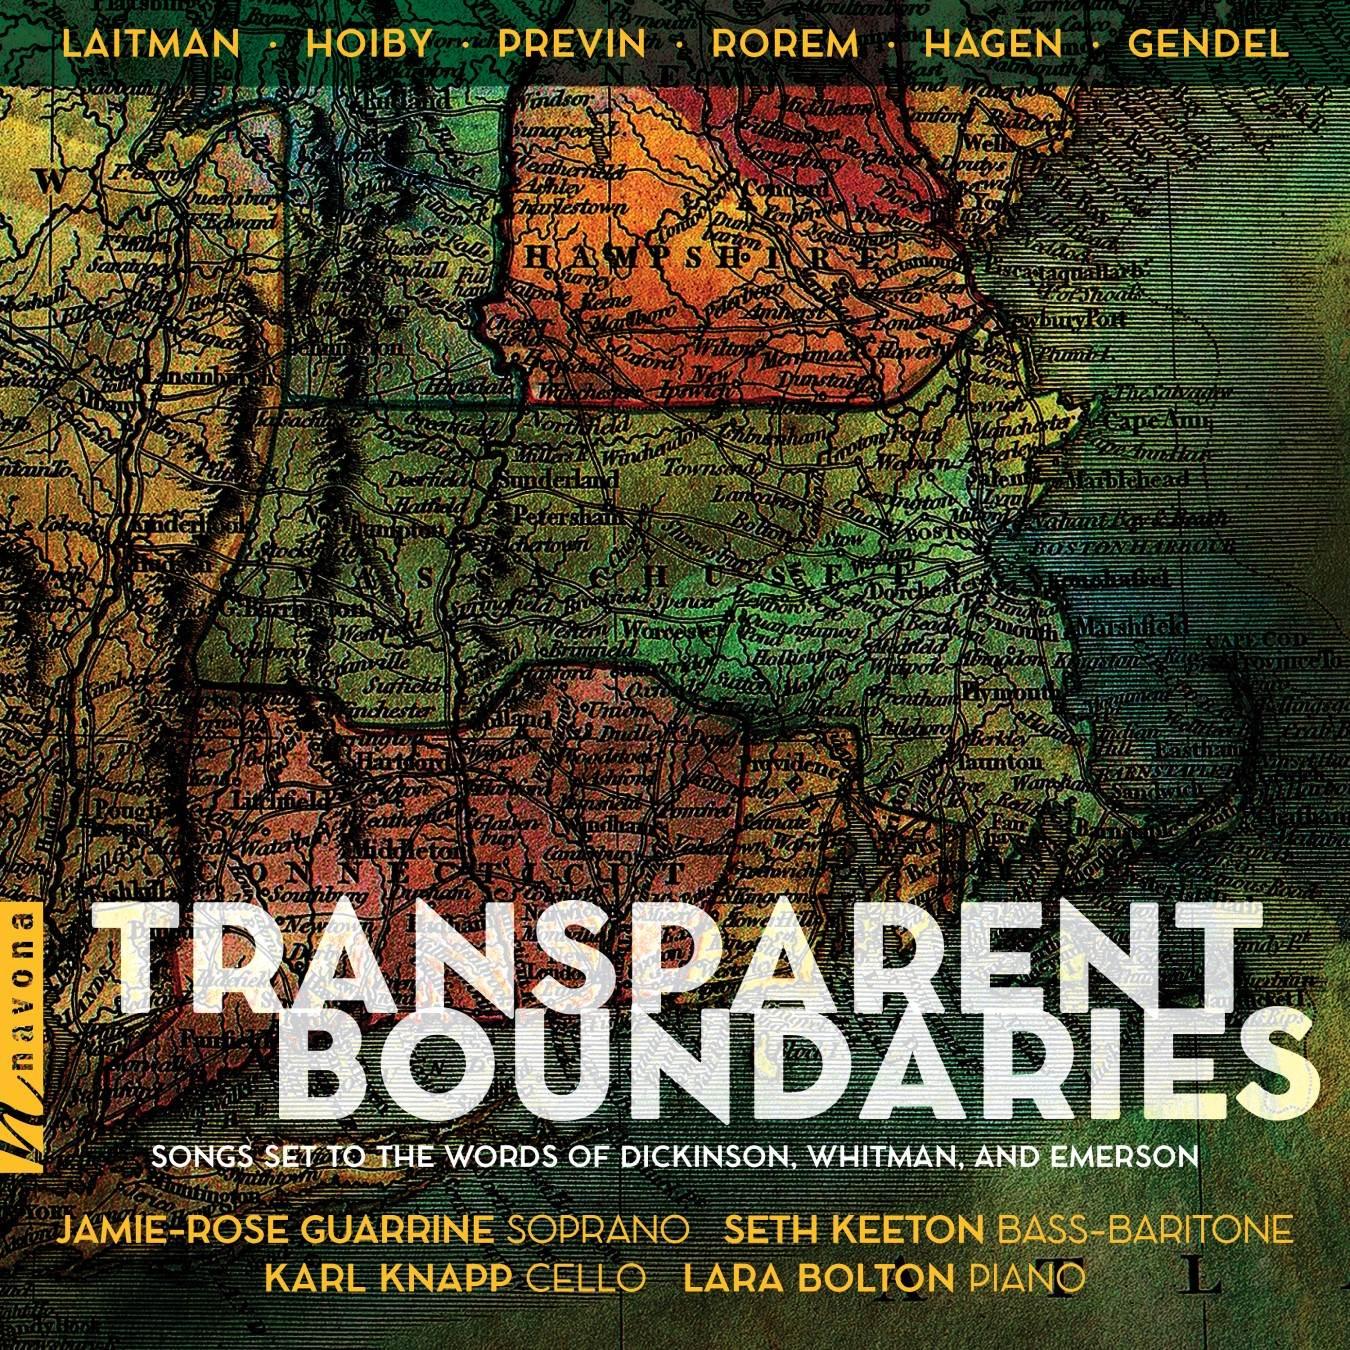 Transparent Boundaries - Jamie-Rose Guarrine - Album Cover